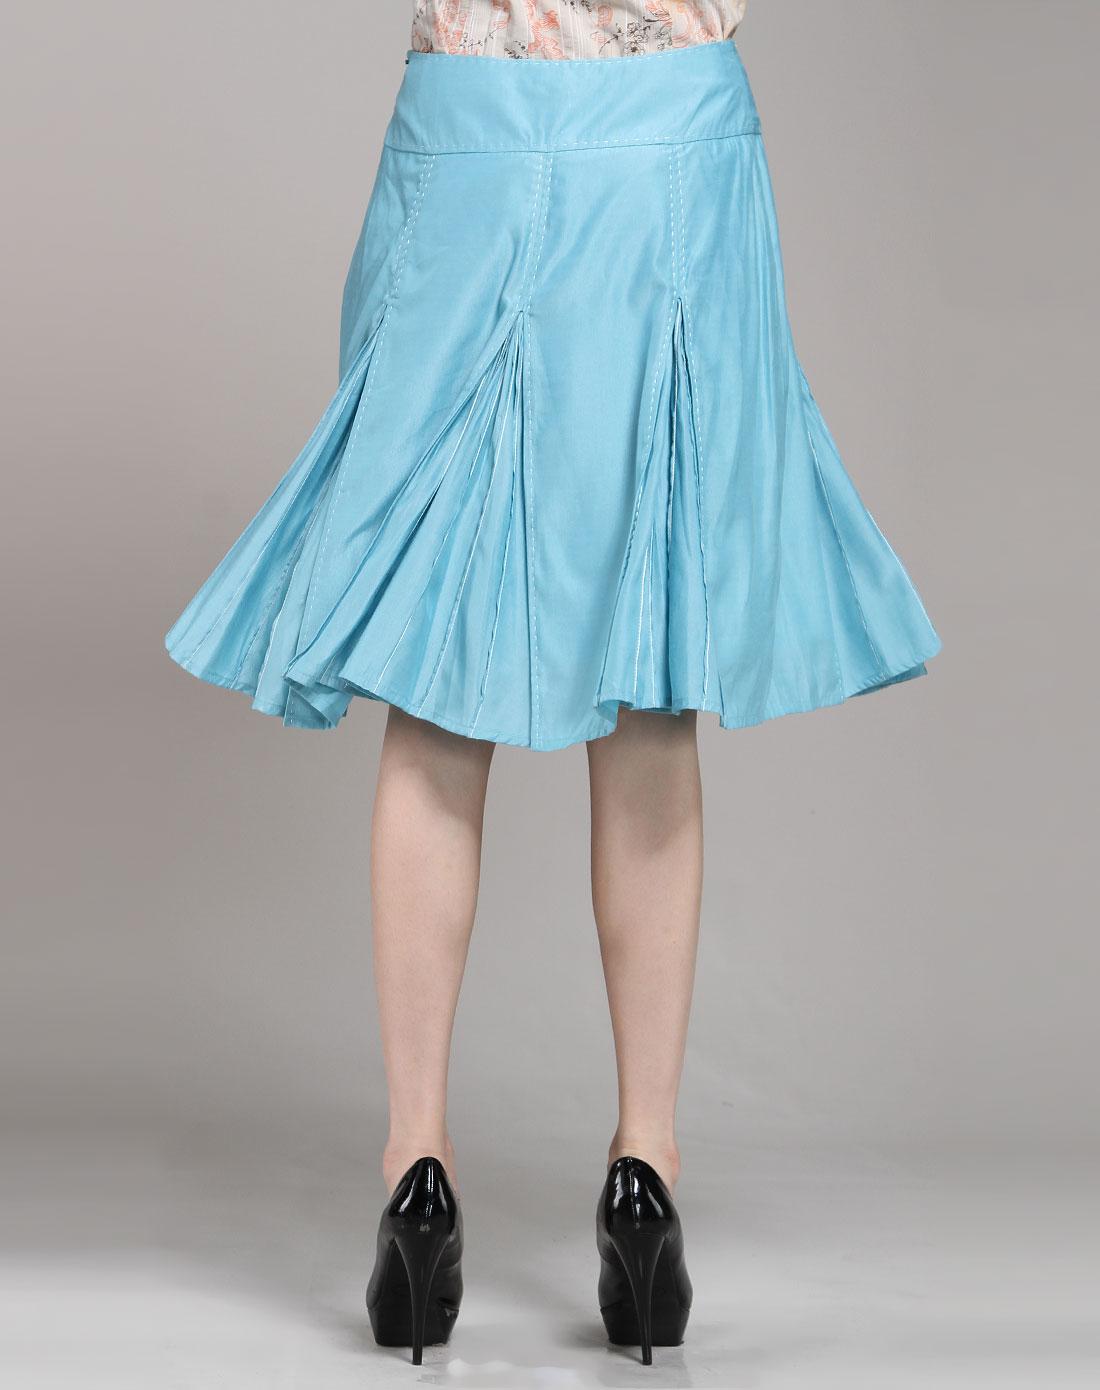 庄姿妮giorgio giulini女装专场浅蓝色休闲简约半裙